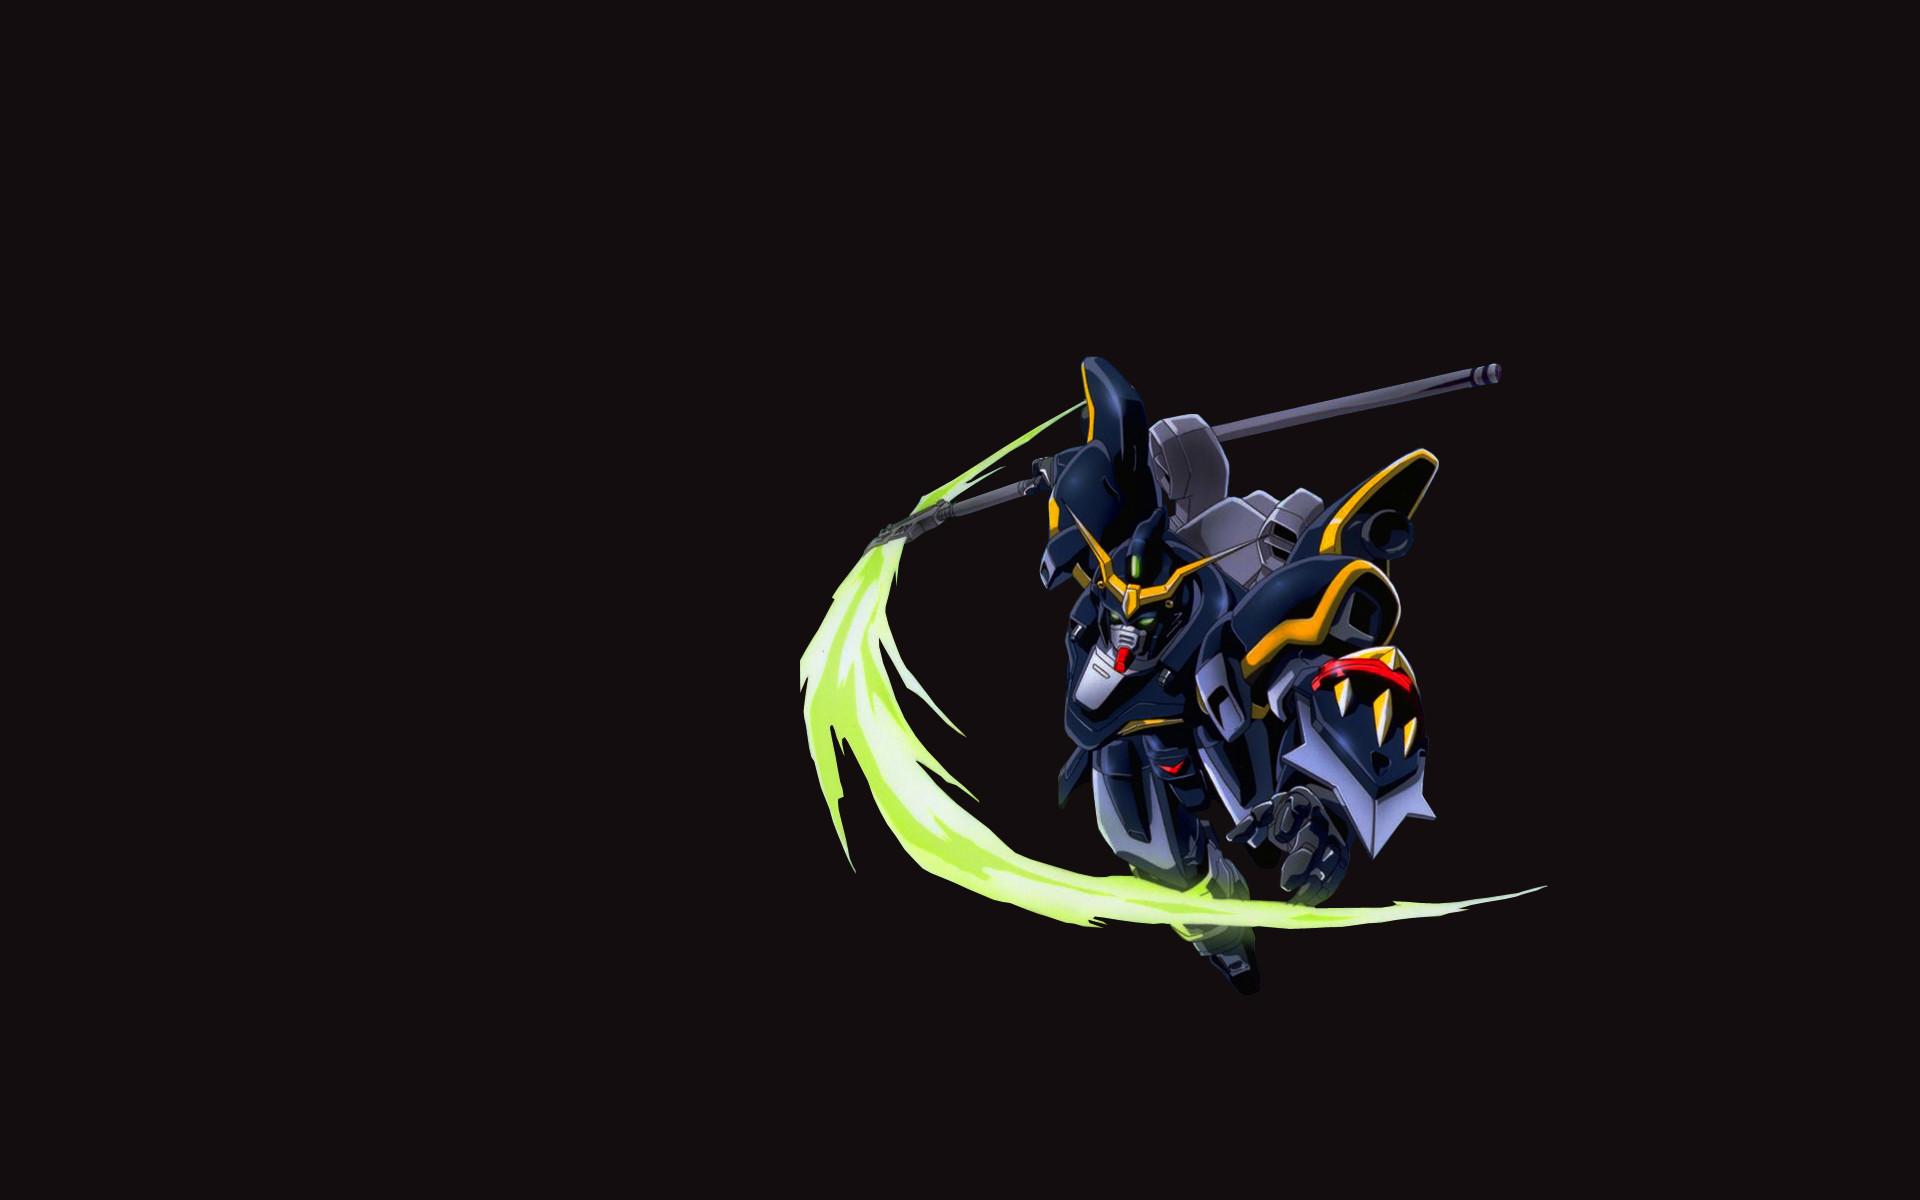 Gundam gundam wing wallpaper     17007   WallpaperUP